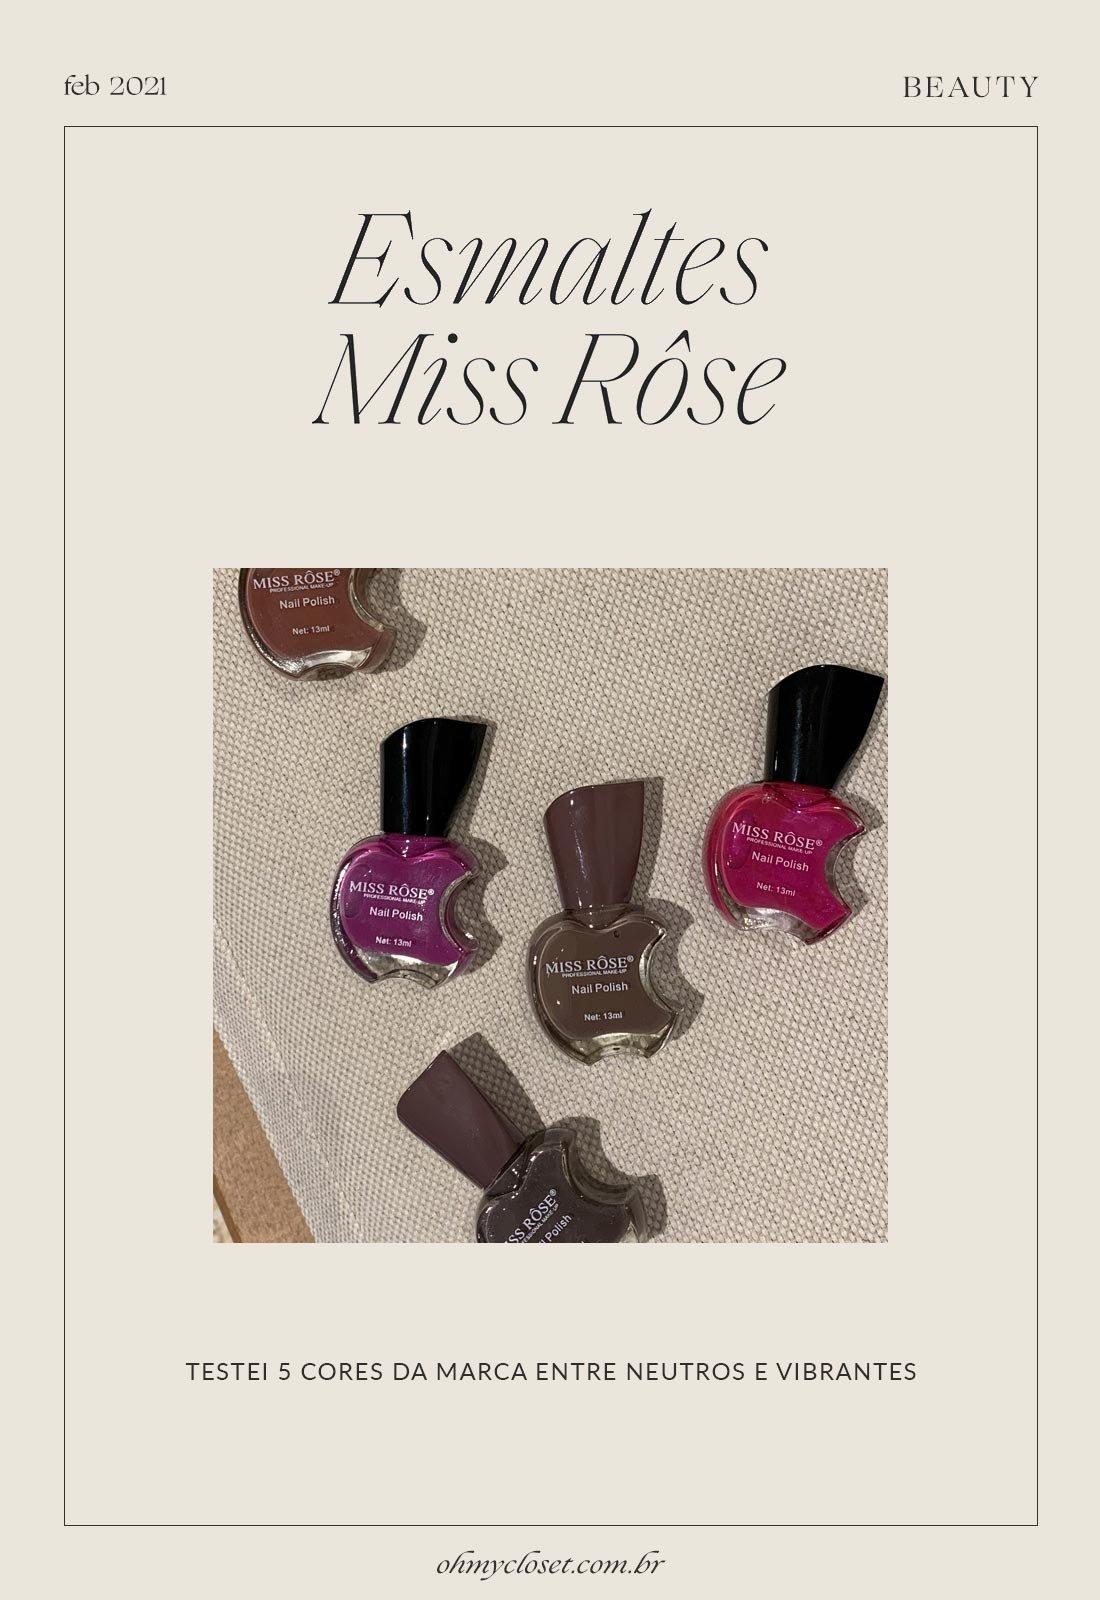 Resenha de esmaltes da marca Miss Rosê.